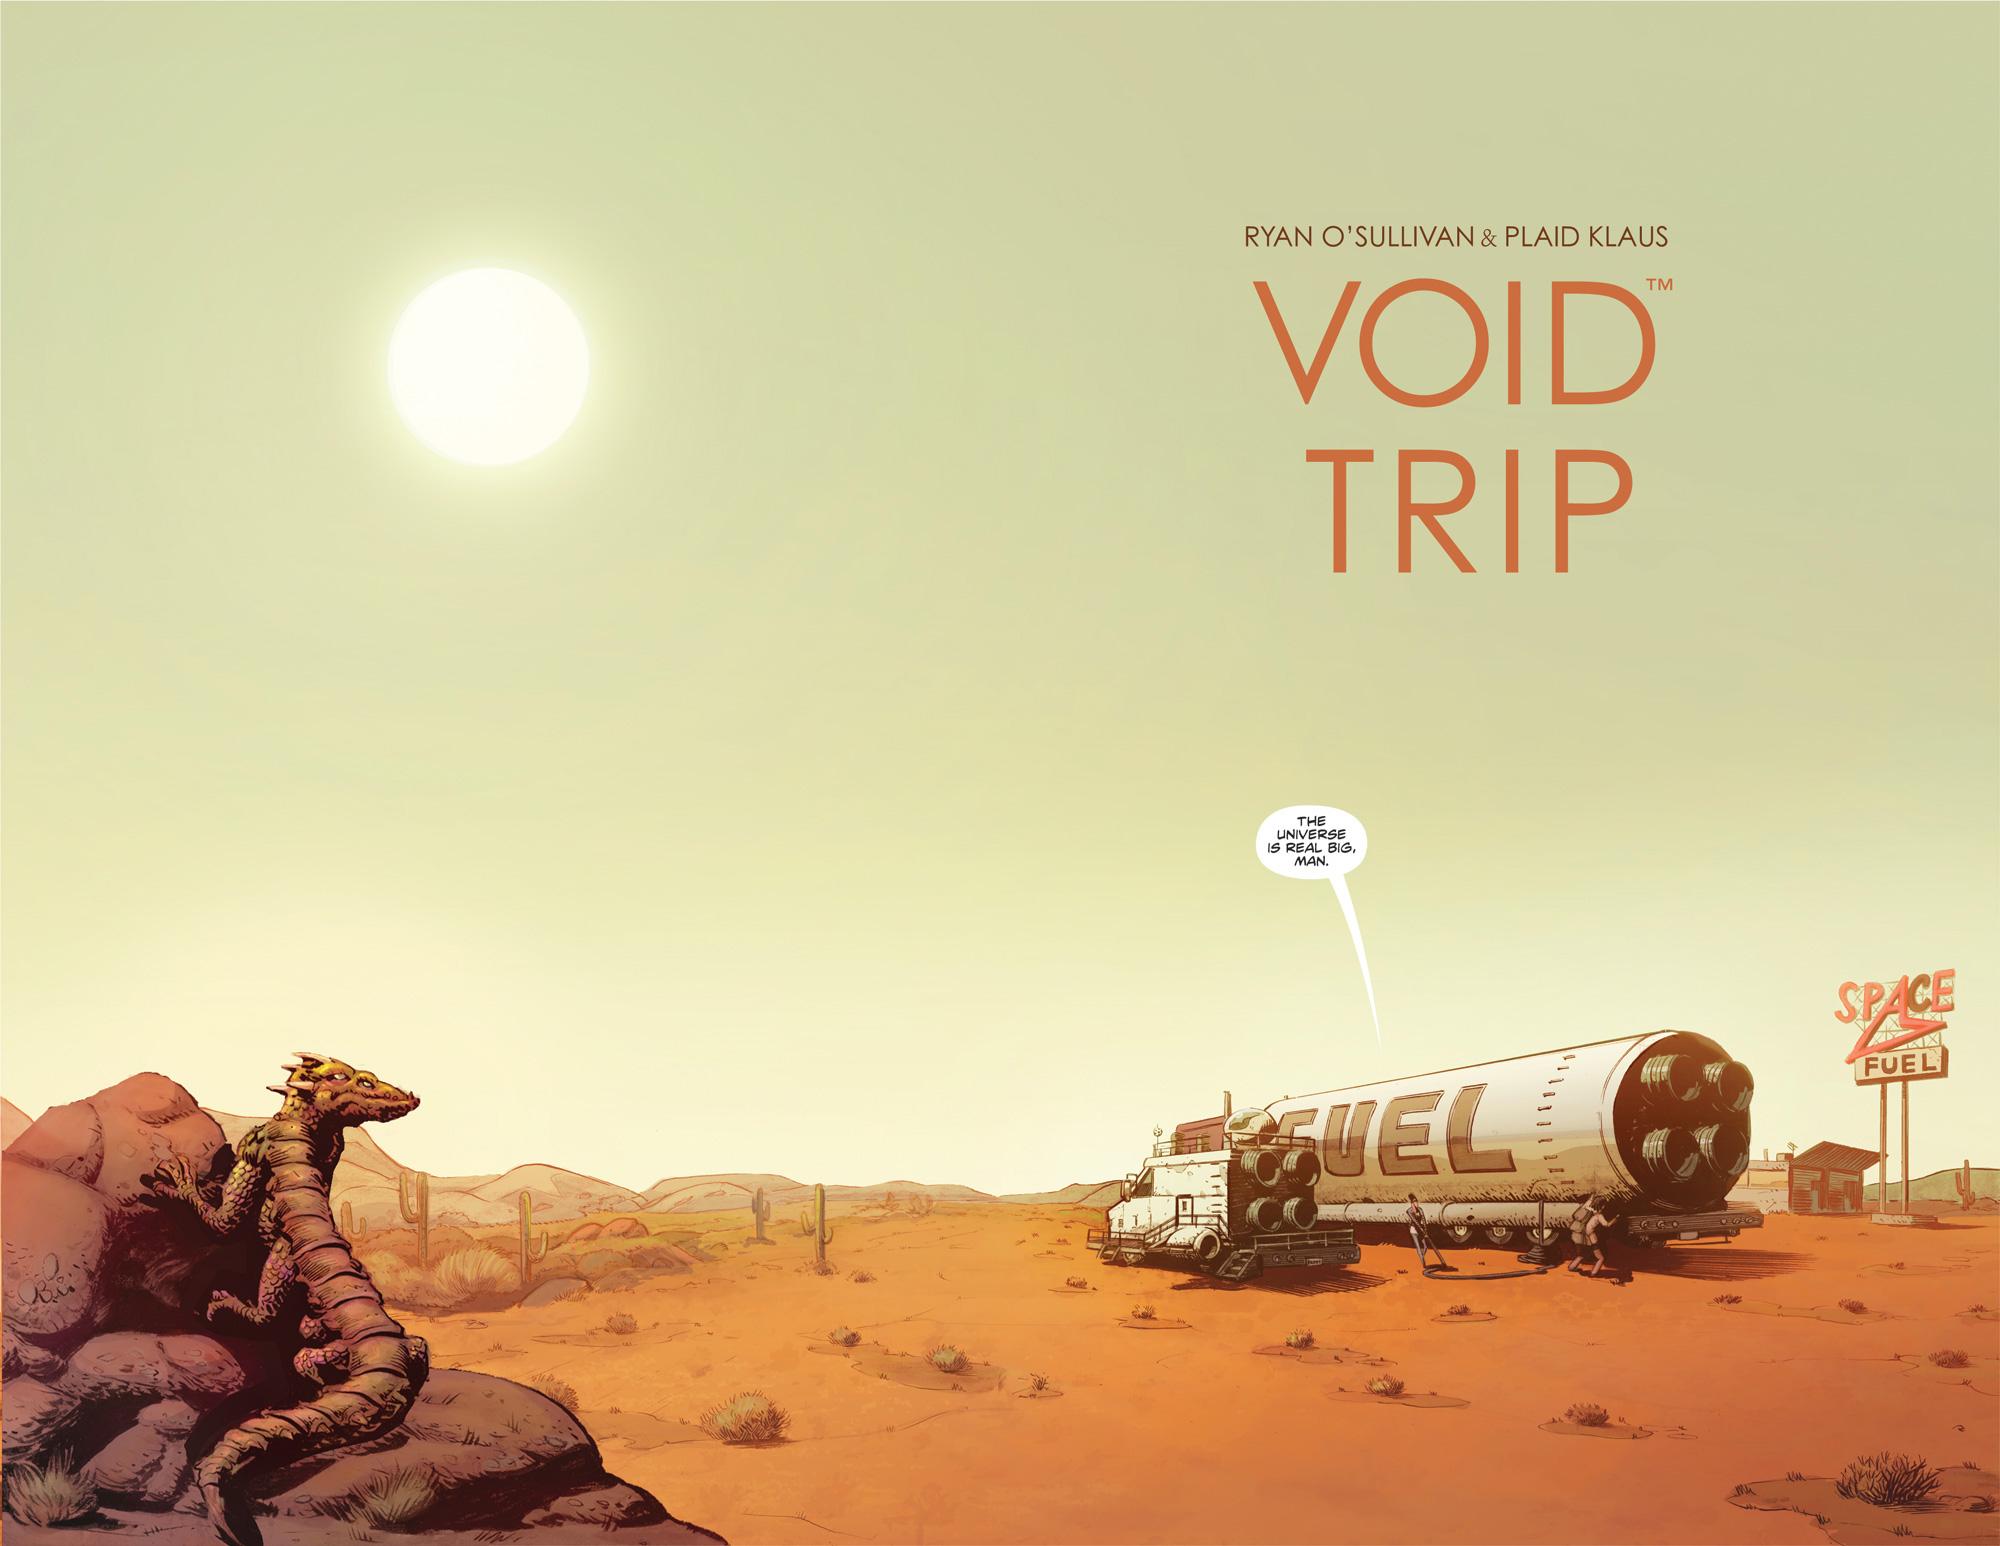 VoidTrip-Chapter01-01-02.jpg